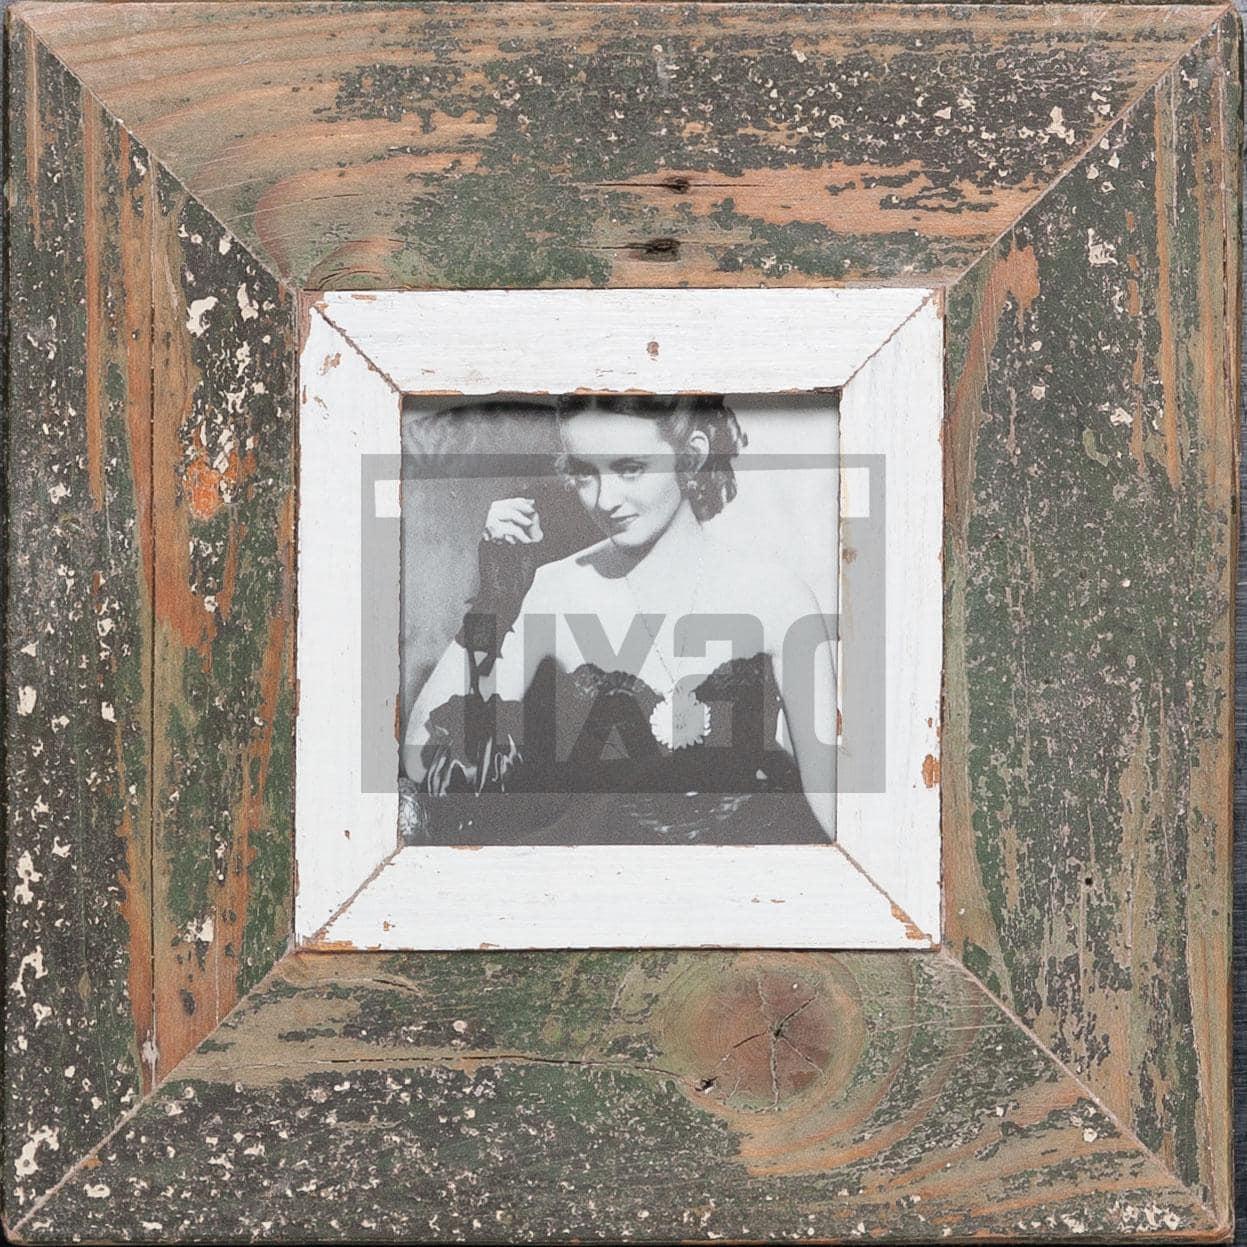 Quadratischer Wechselrahmen aus Recyclingholz für kleine quadratische Fotos